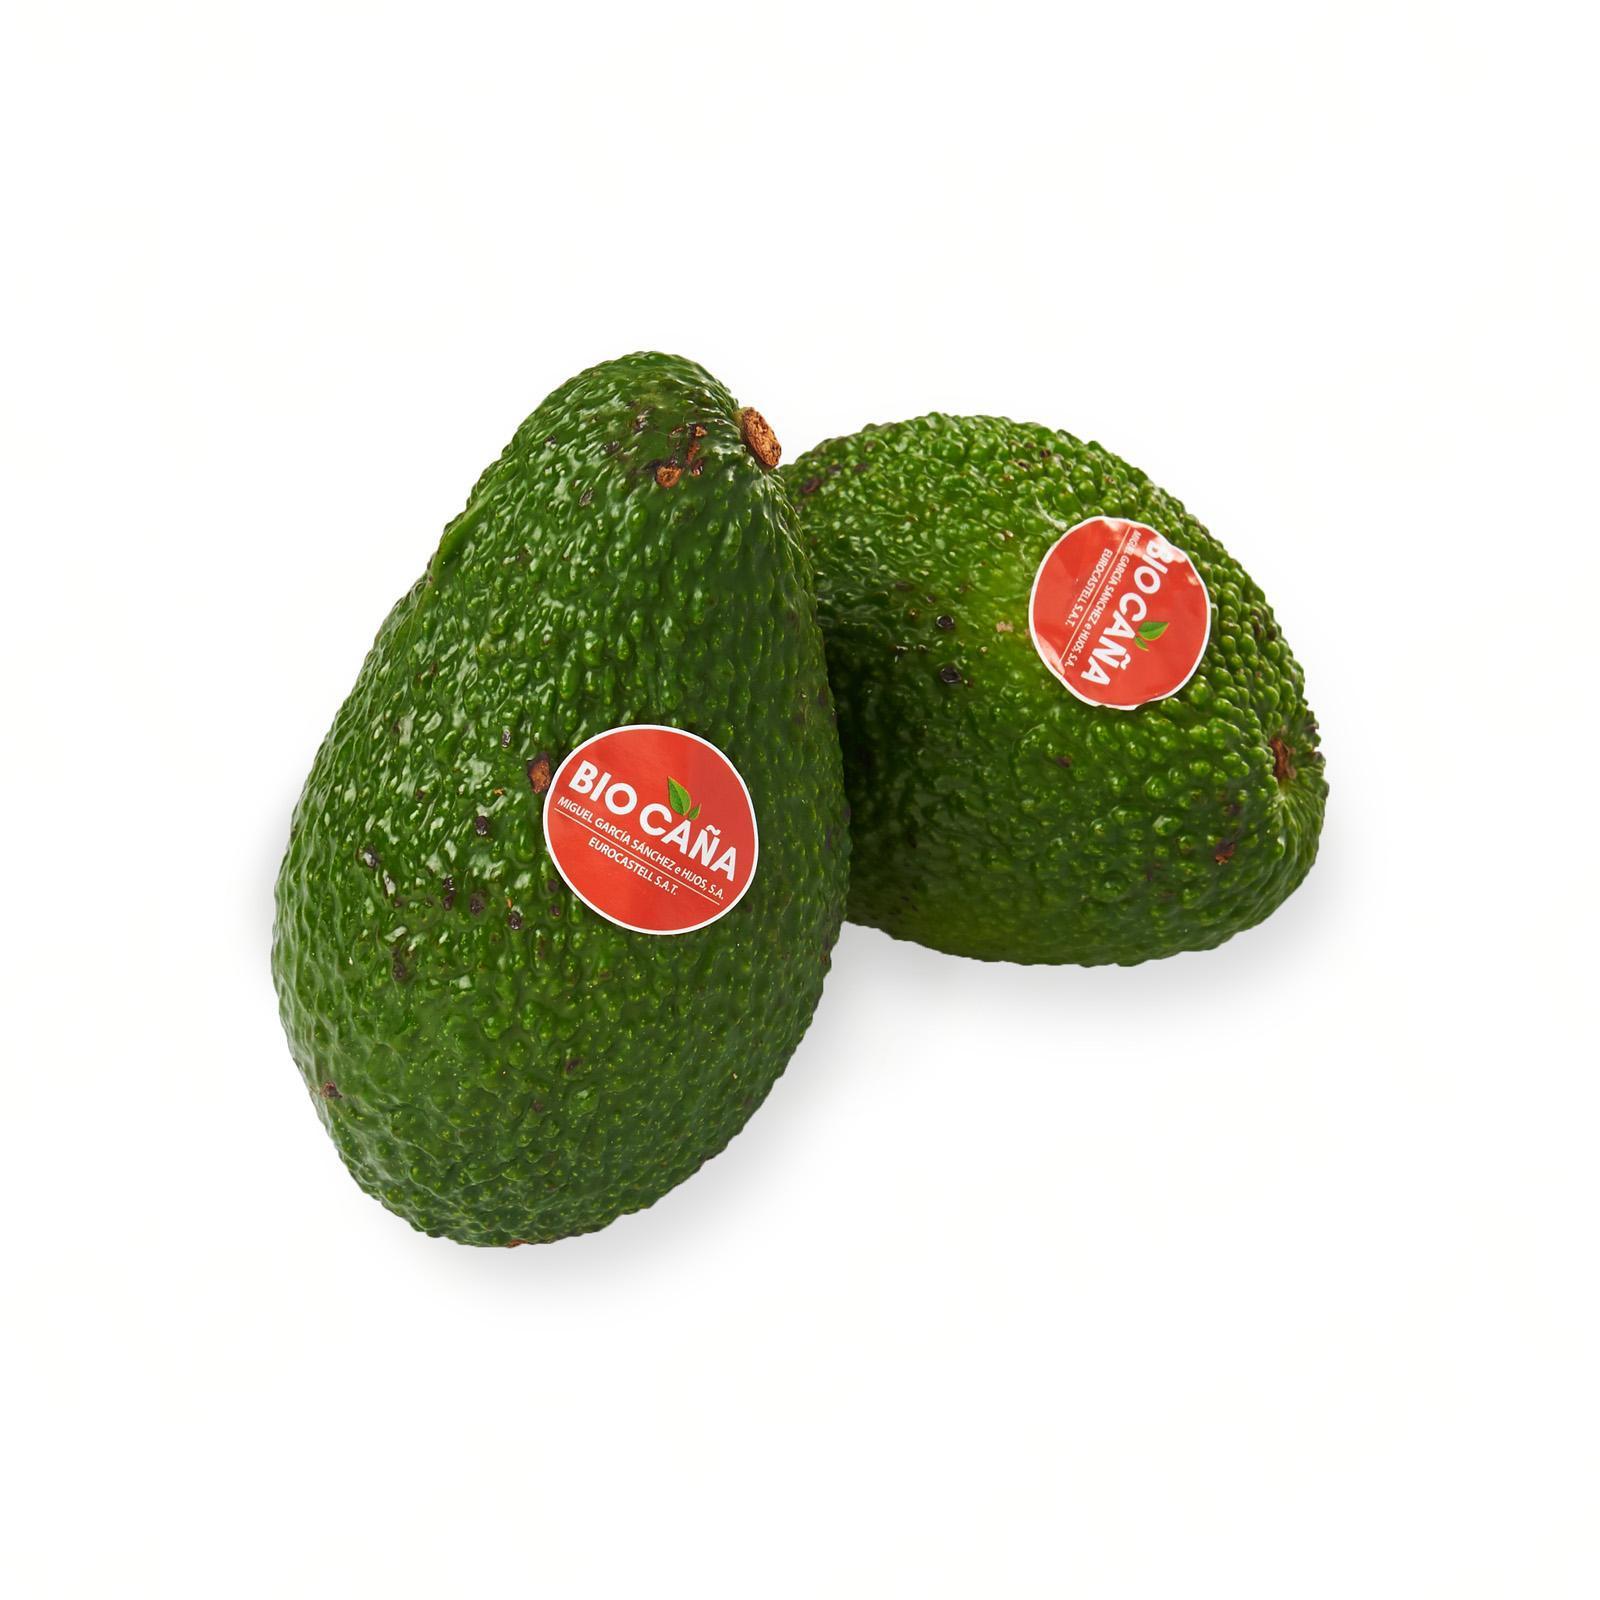 Spain Organic Air-Flown Avocado